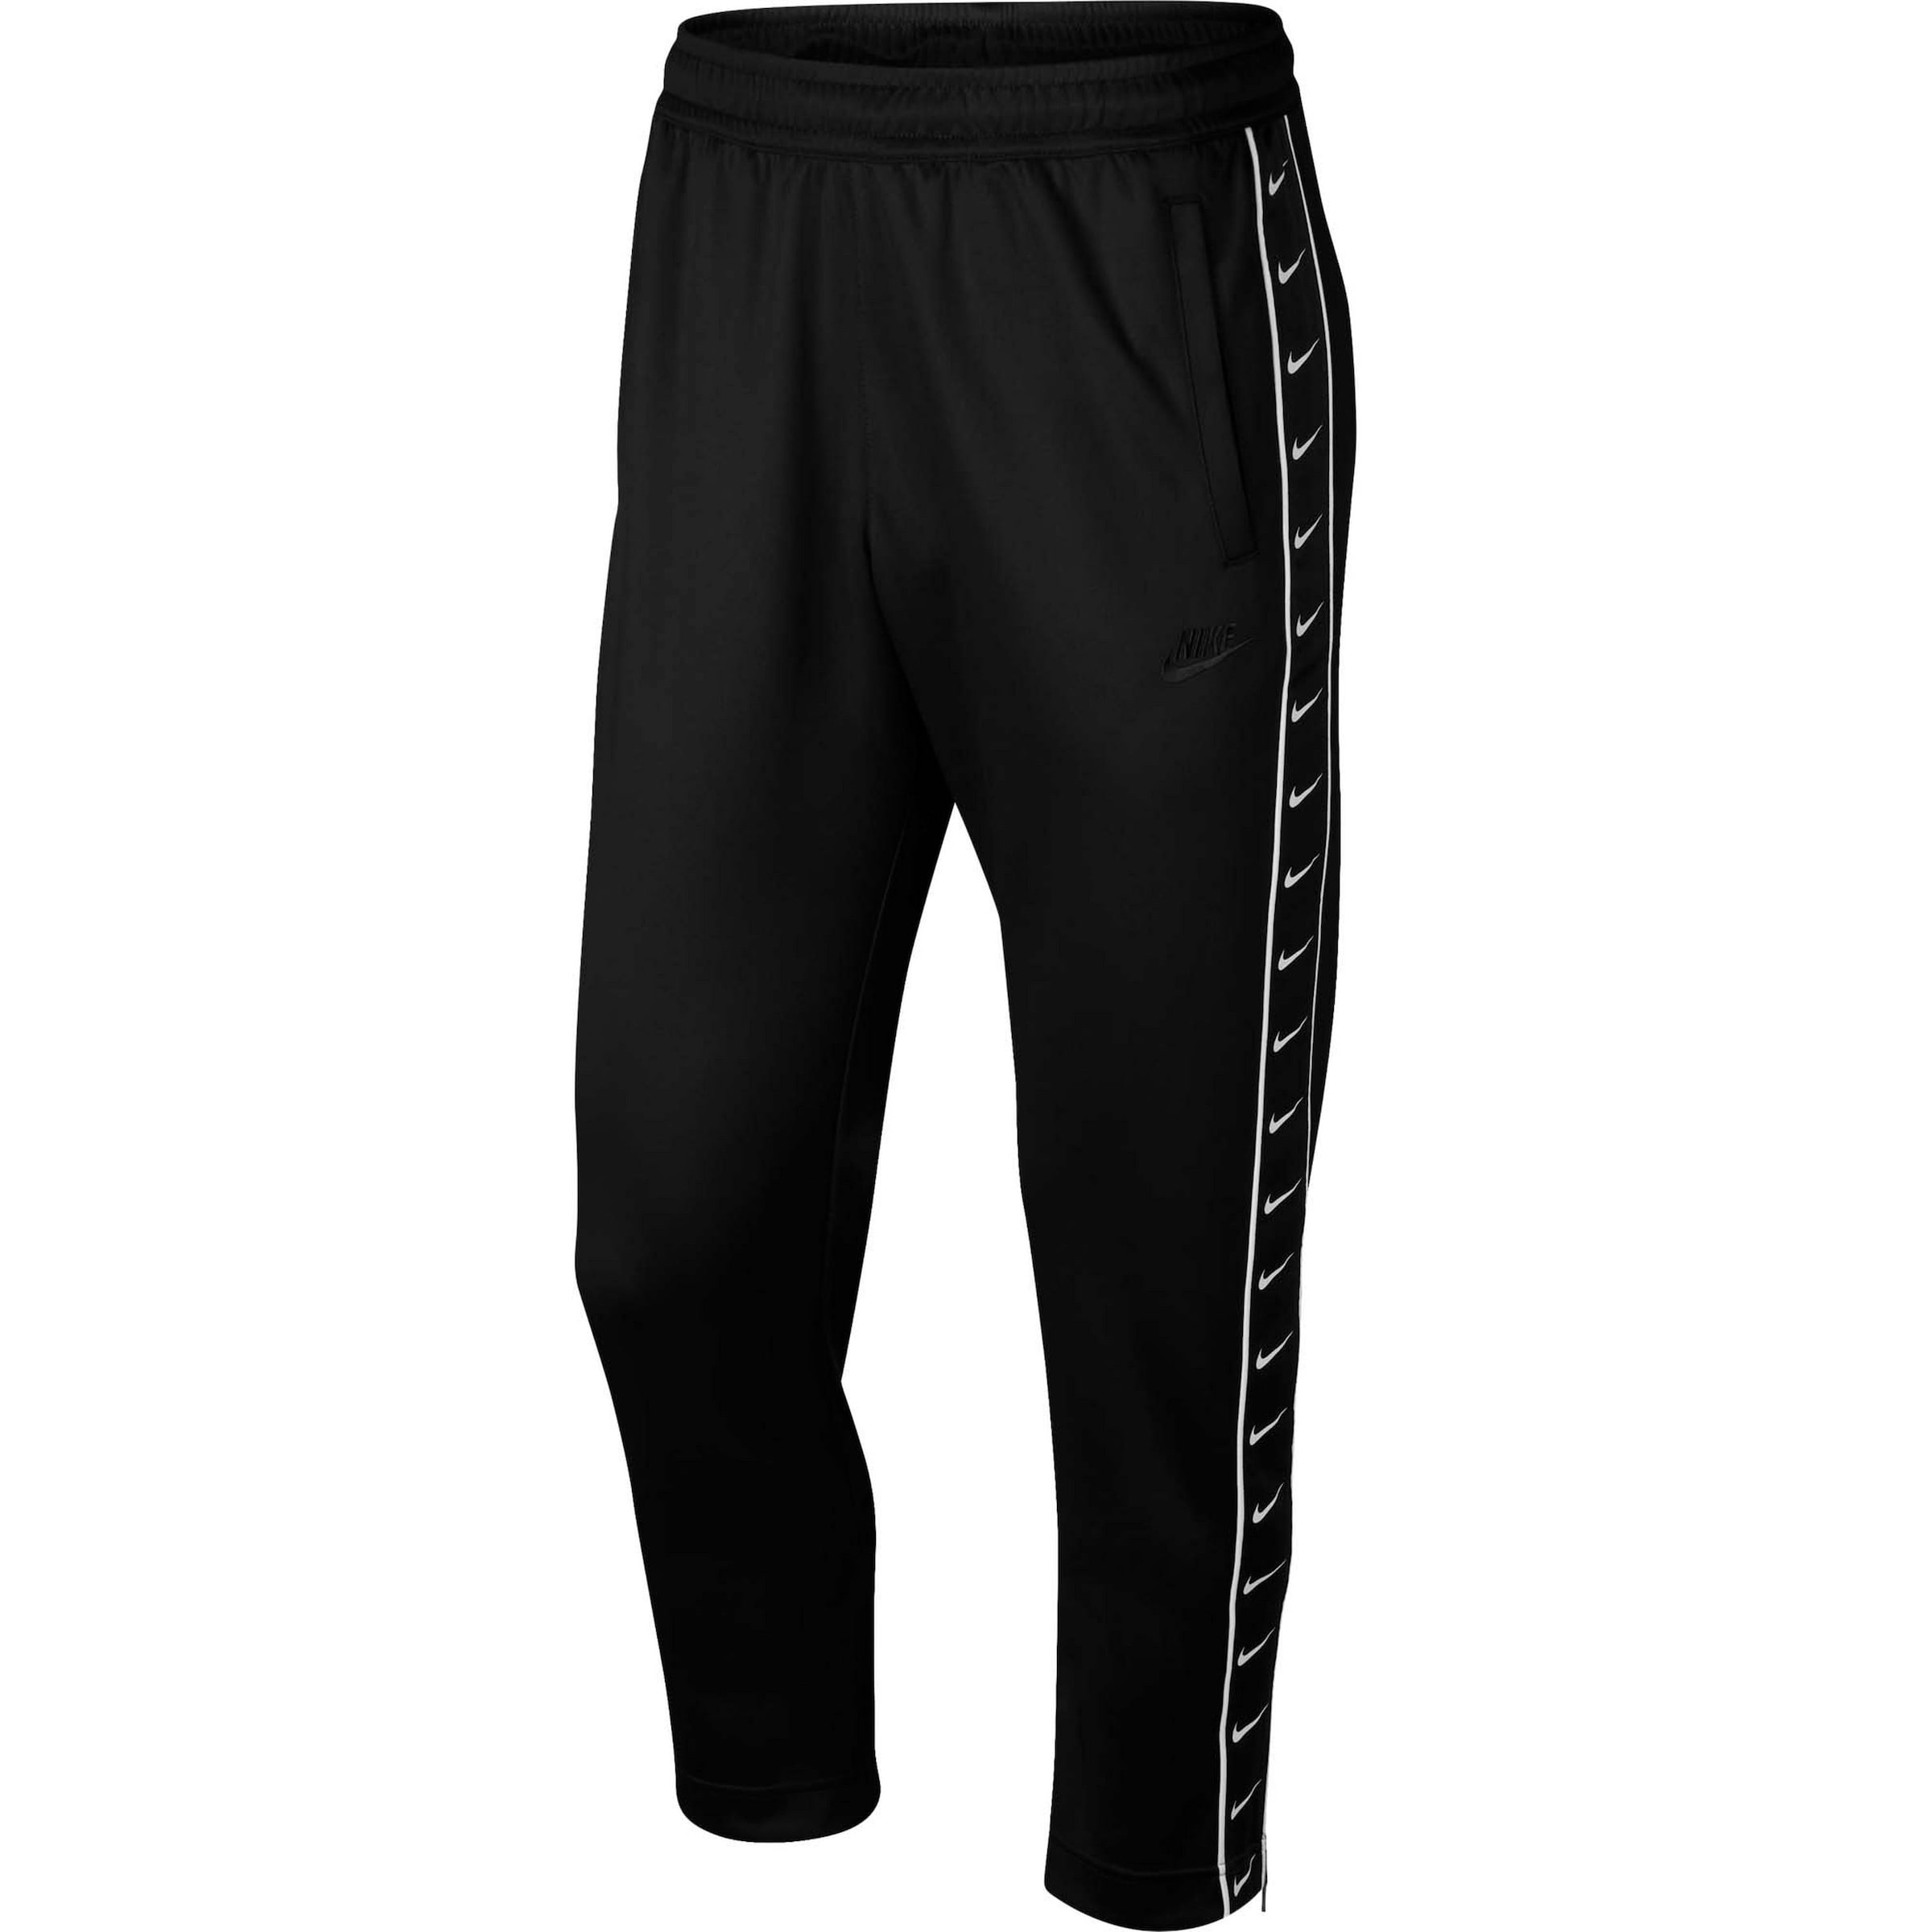 Hose Nike Hose In Nike SchwarzWeiß SchwarzWeiß Nike Sportswear In Hose Sportswear Sportswear In 8nOkNX0PwZ